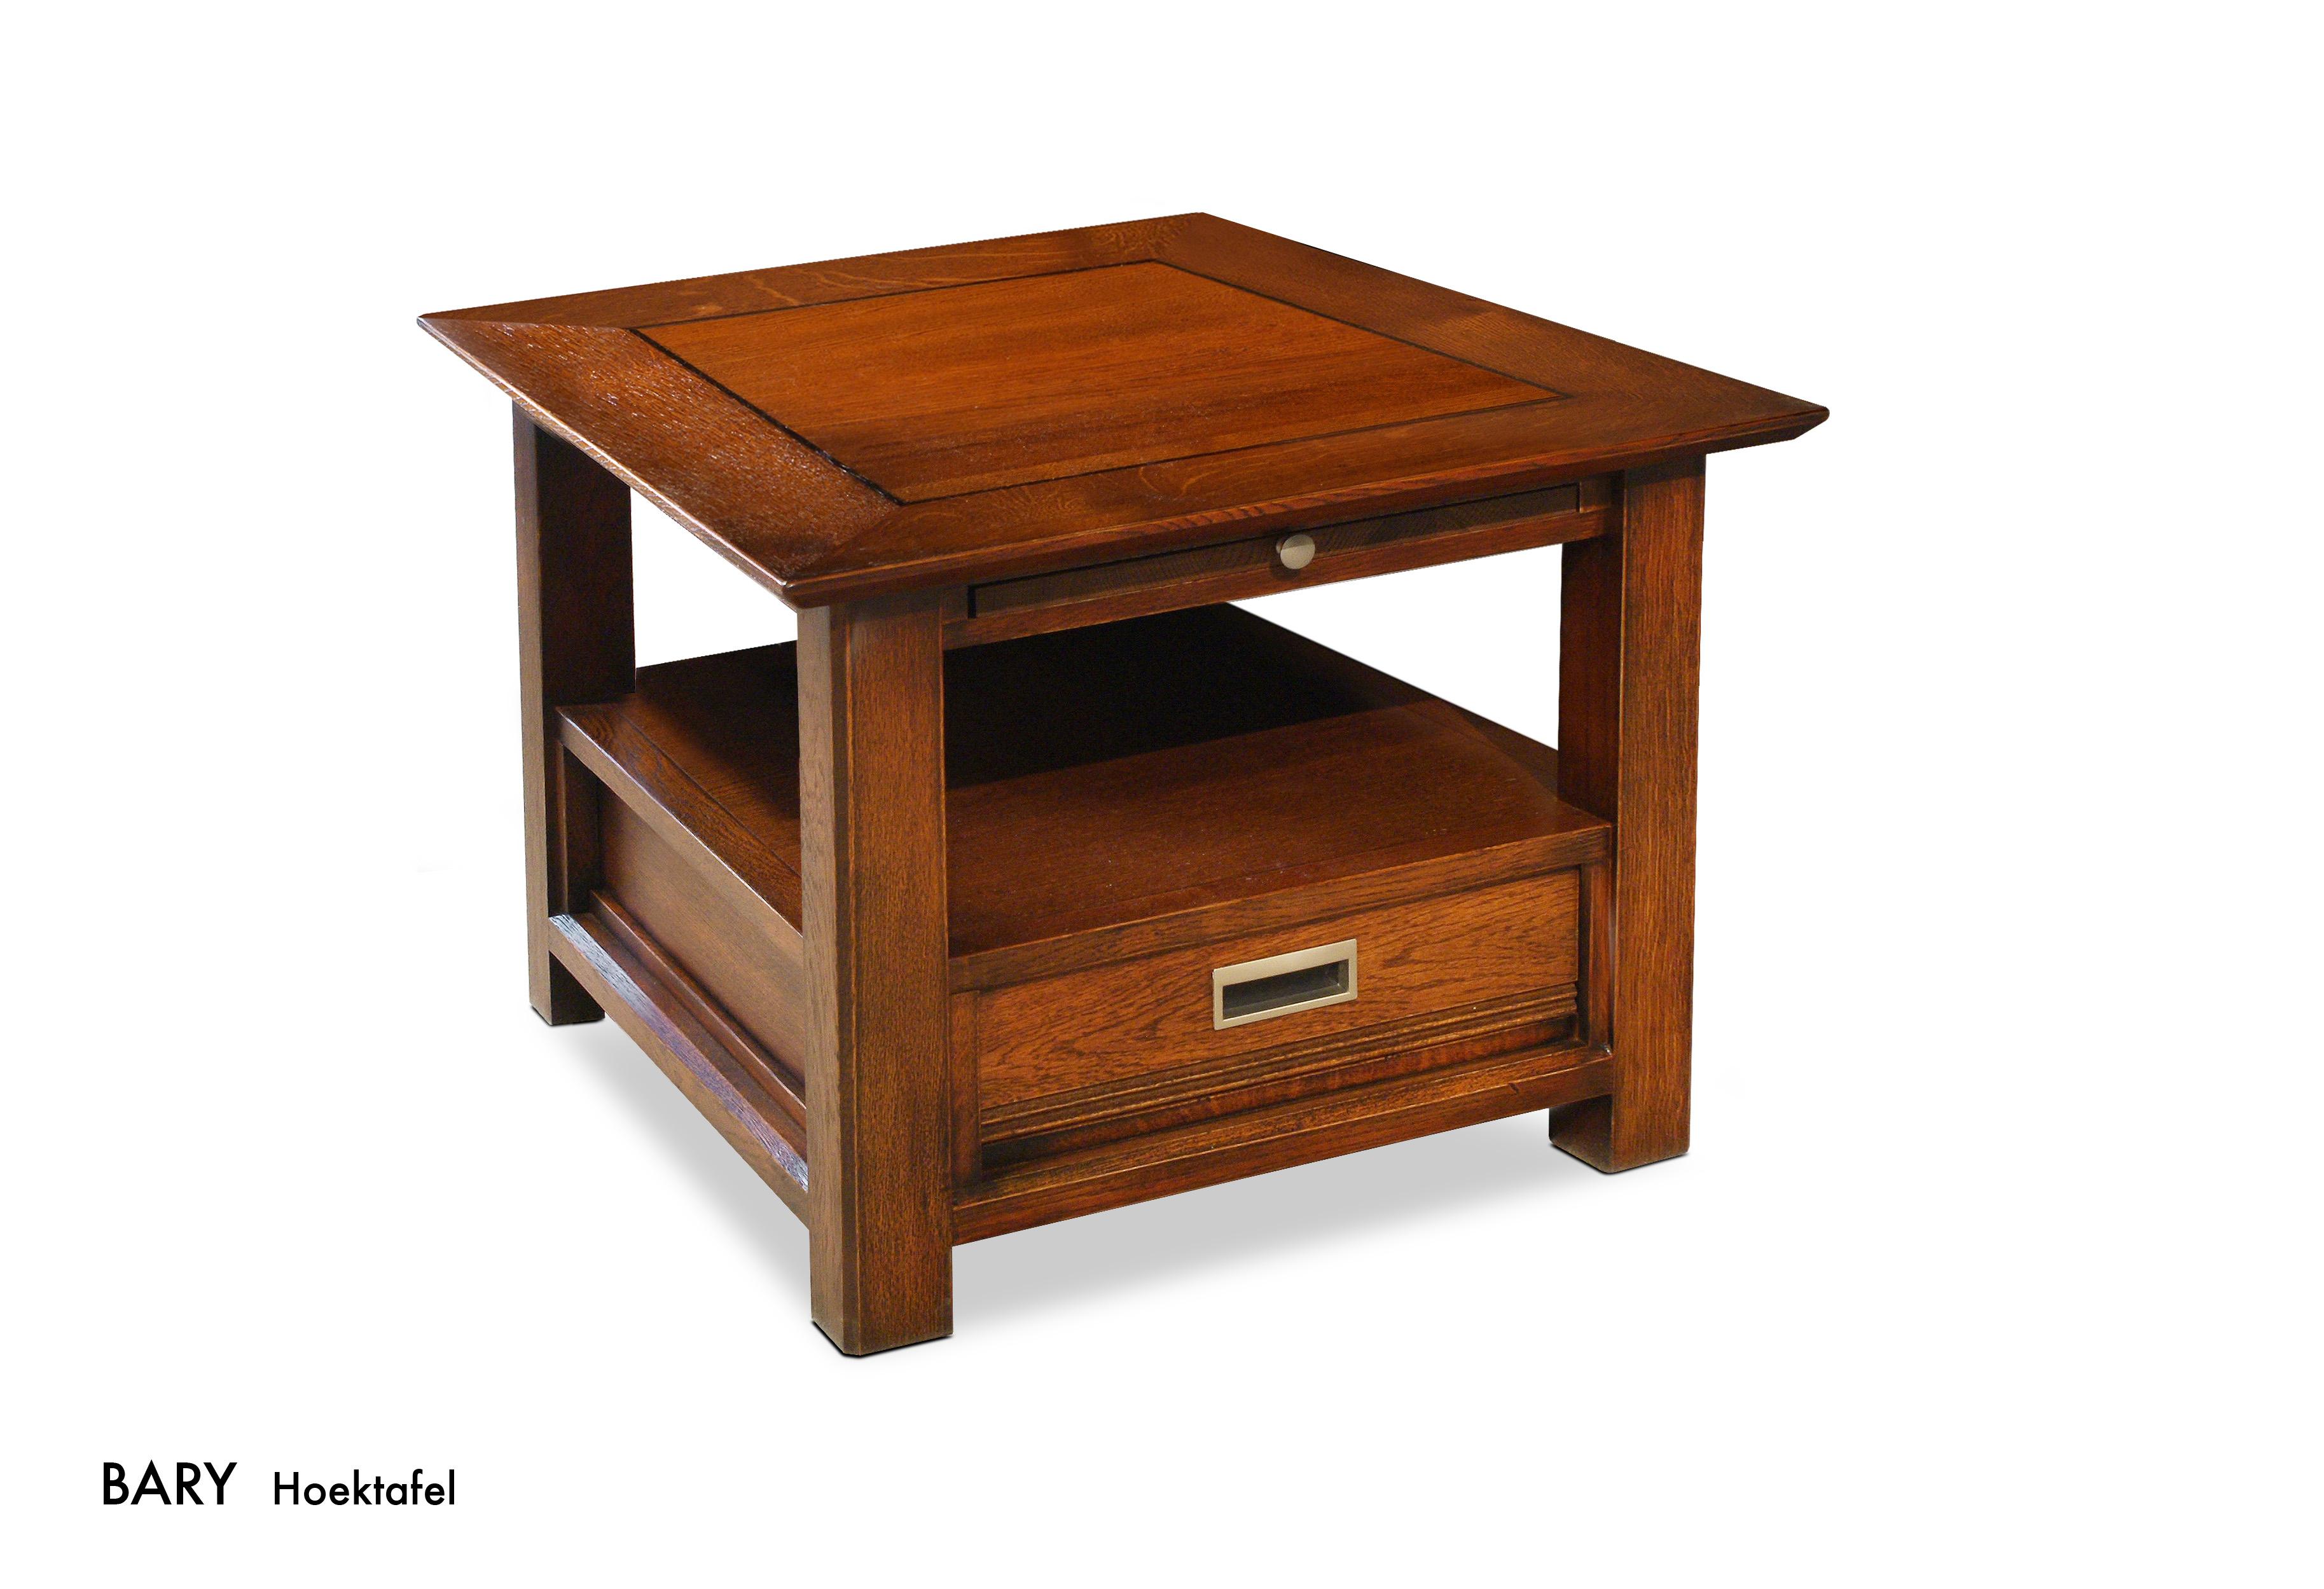 Van Houwelingen Meubels : Gallery van den broek meubelenvan den broek meubelen